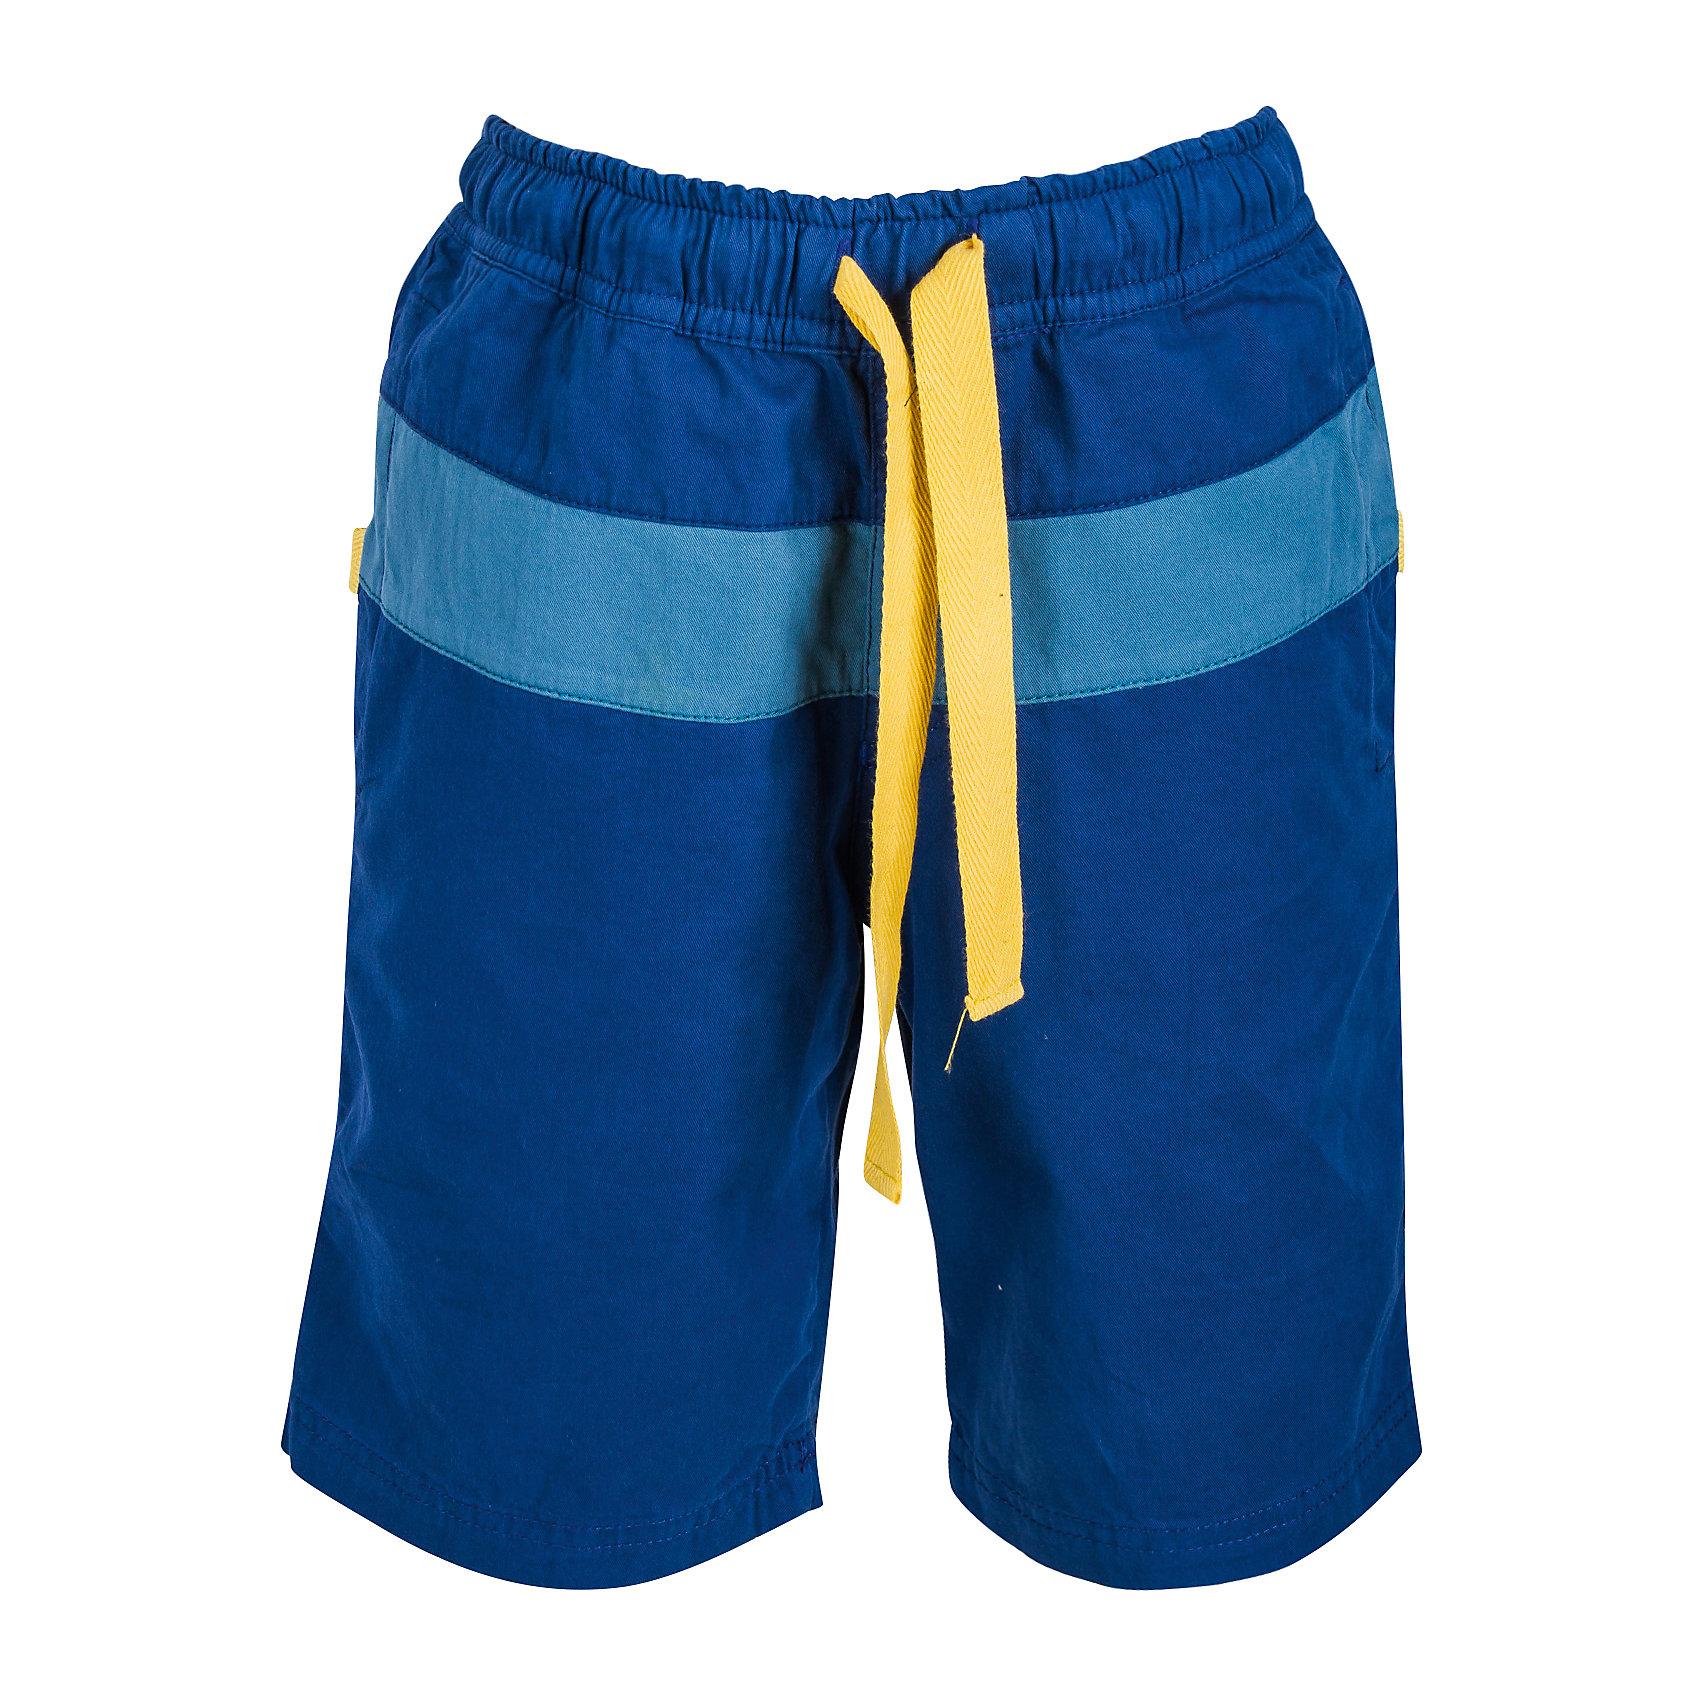 Шорты для мальчика Bell BimboШорты, бриджи, капри<br>Однотонные шорты с контрастной вставкой с двух сторон, один боковой карман, один накладной карман на липучке сзади, пояс на резинке + регулятор-шнурок. Состав: Твил 100% хлопок<br><br>Ширина мм: 191<br>Глубина мм: 10<br>Высота мм: 175<br>Вес г: 273<br>Цвет: синий<br>Возраст от месяцев: 24<br>Возраст до месяцев: 36<br>Пол: Мужской<br>Возраст: Детский<br>Размер: 98,116,110,104,122<br>SKU: 4645462